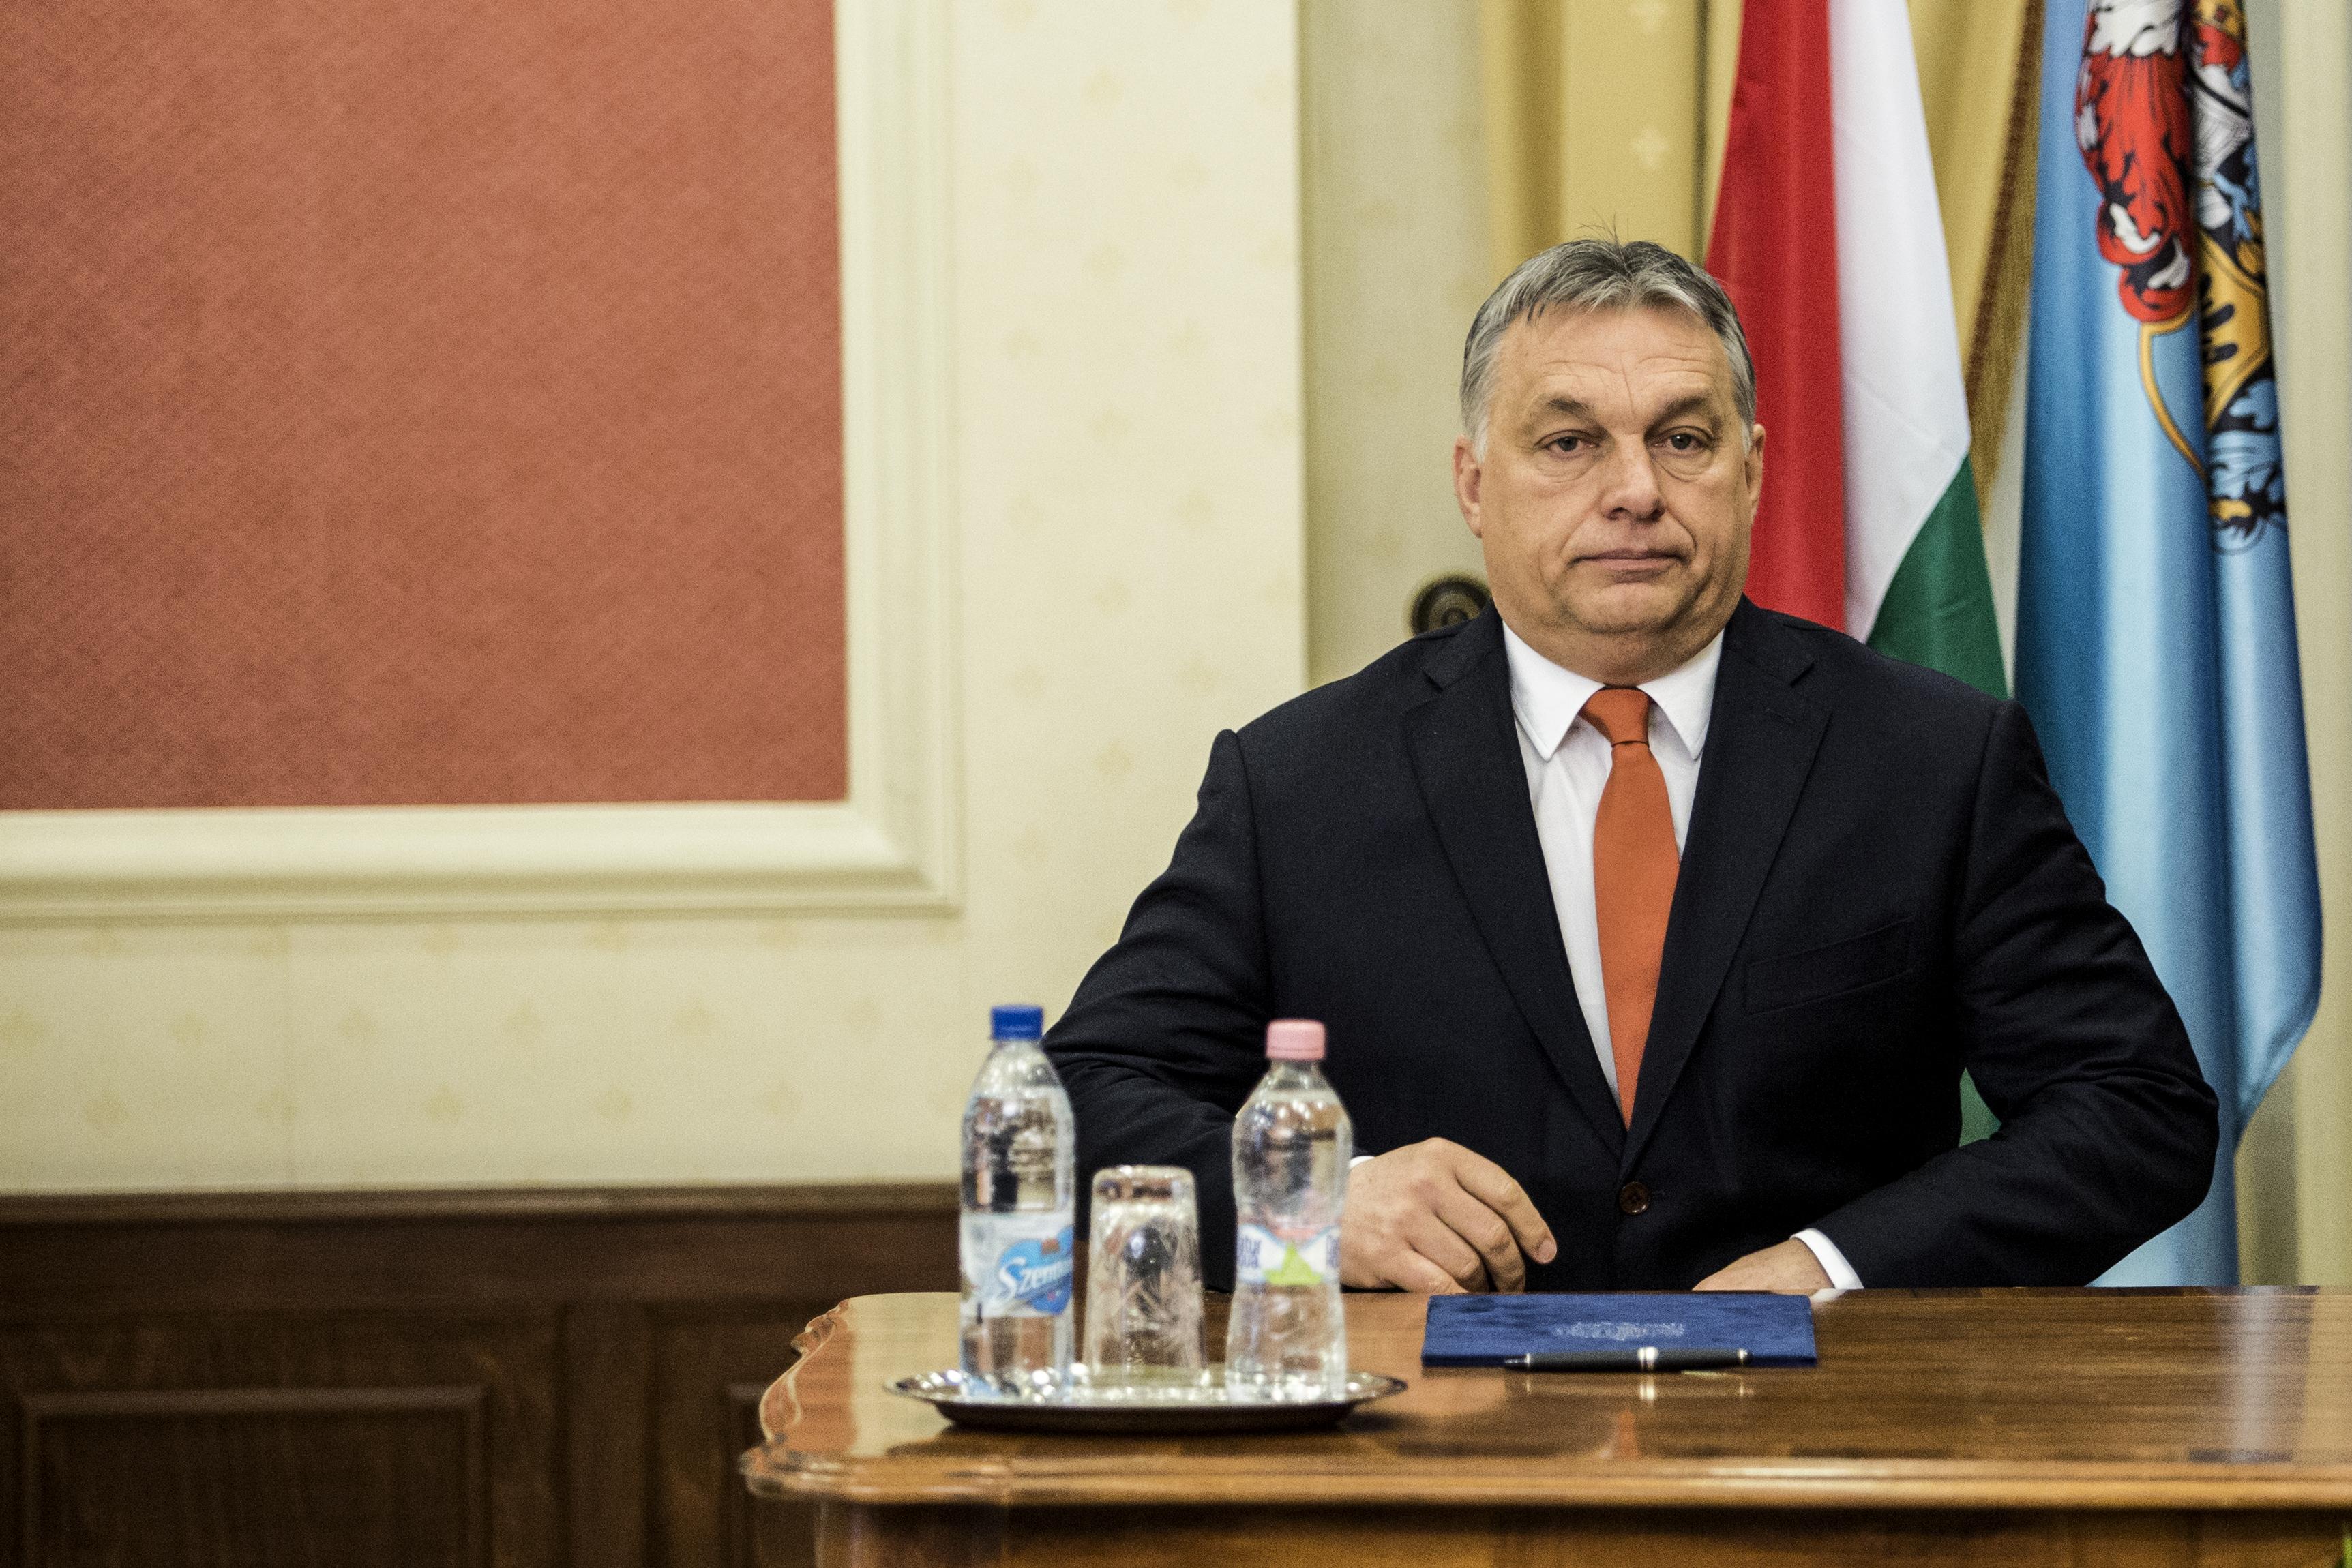 Orbán már arra sem tud egyenesen válaszolni, hogy Soros-ösztöndíjasként érte-e politikai befolyás, és ezt jelentette-e